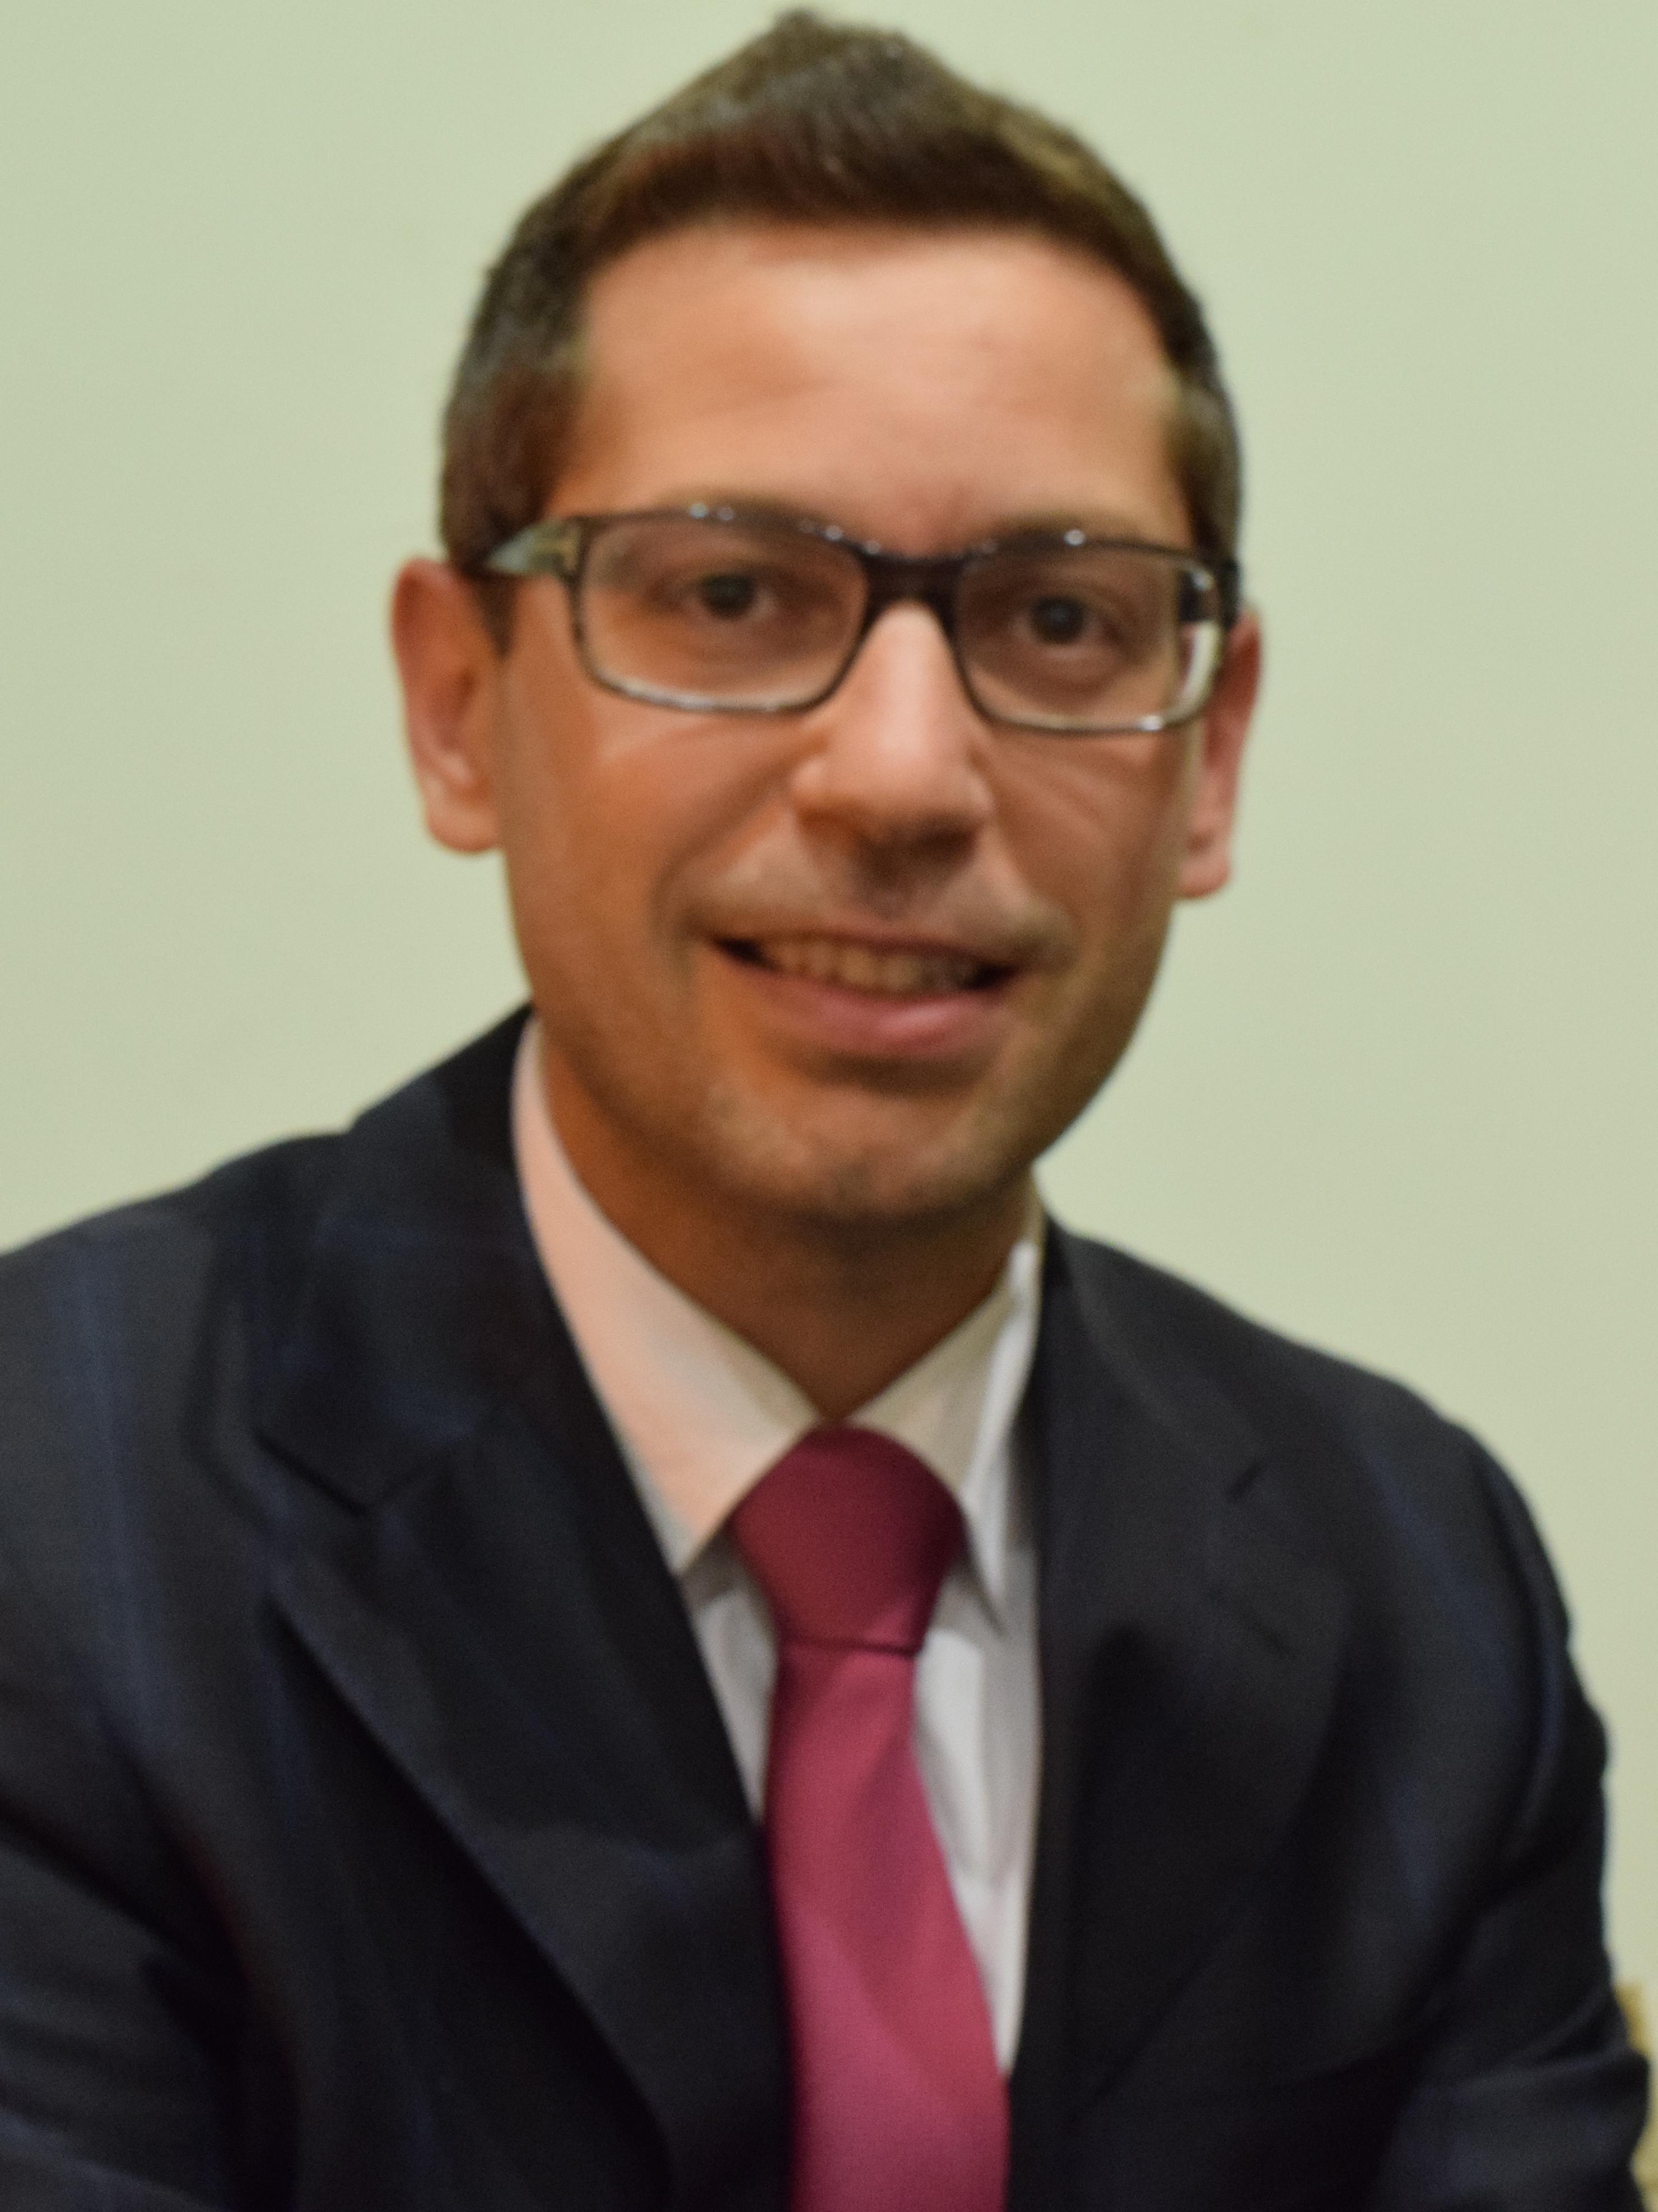 Georgios Kontorinis